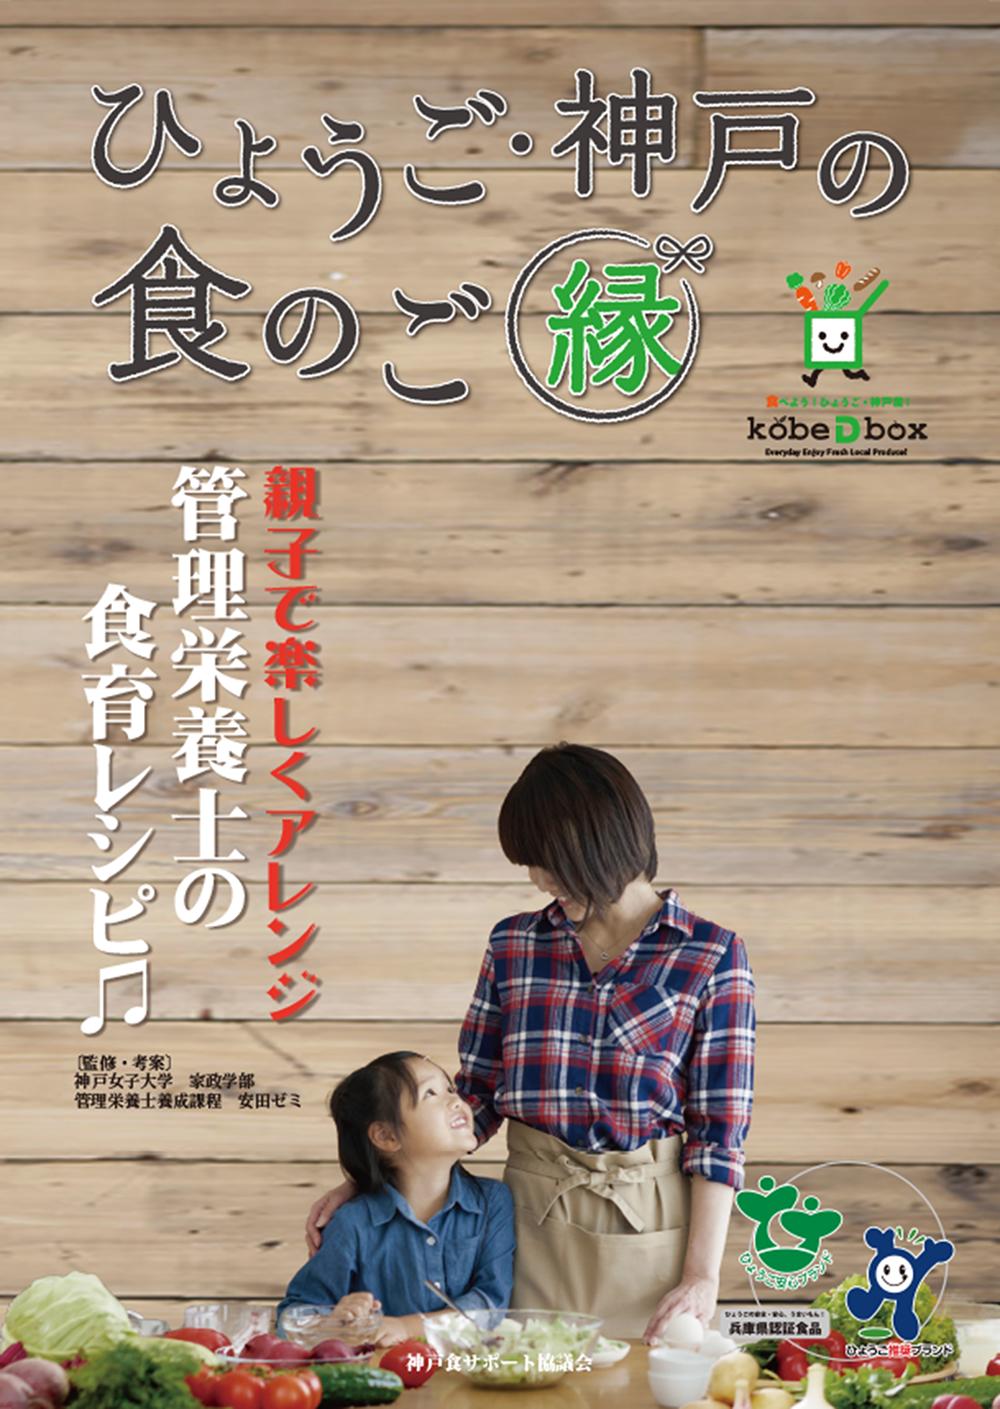 食のご縁レシピ冊子_p1-1